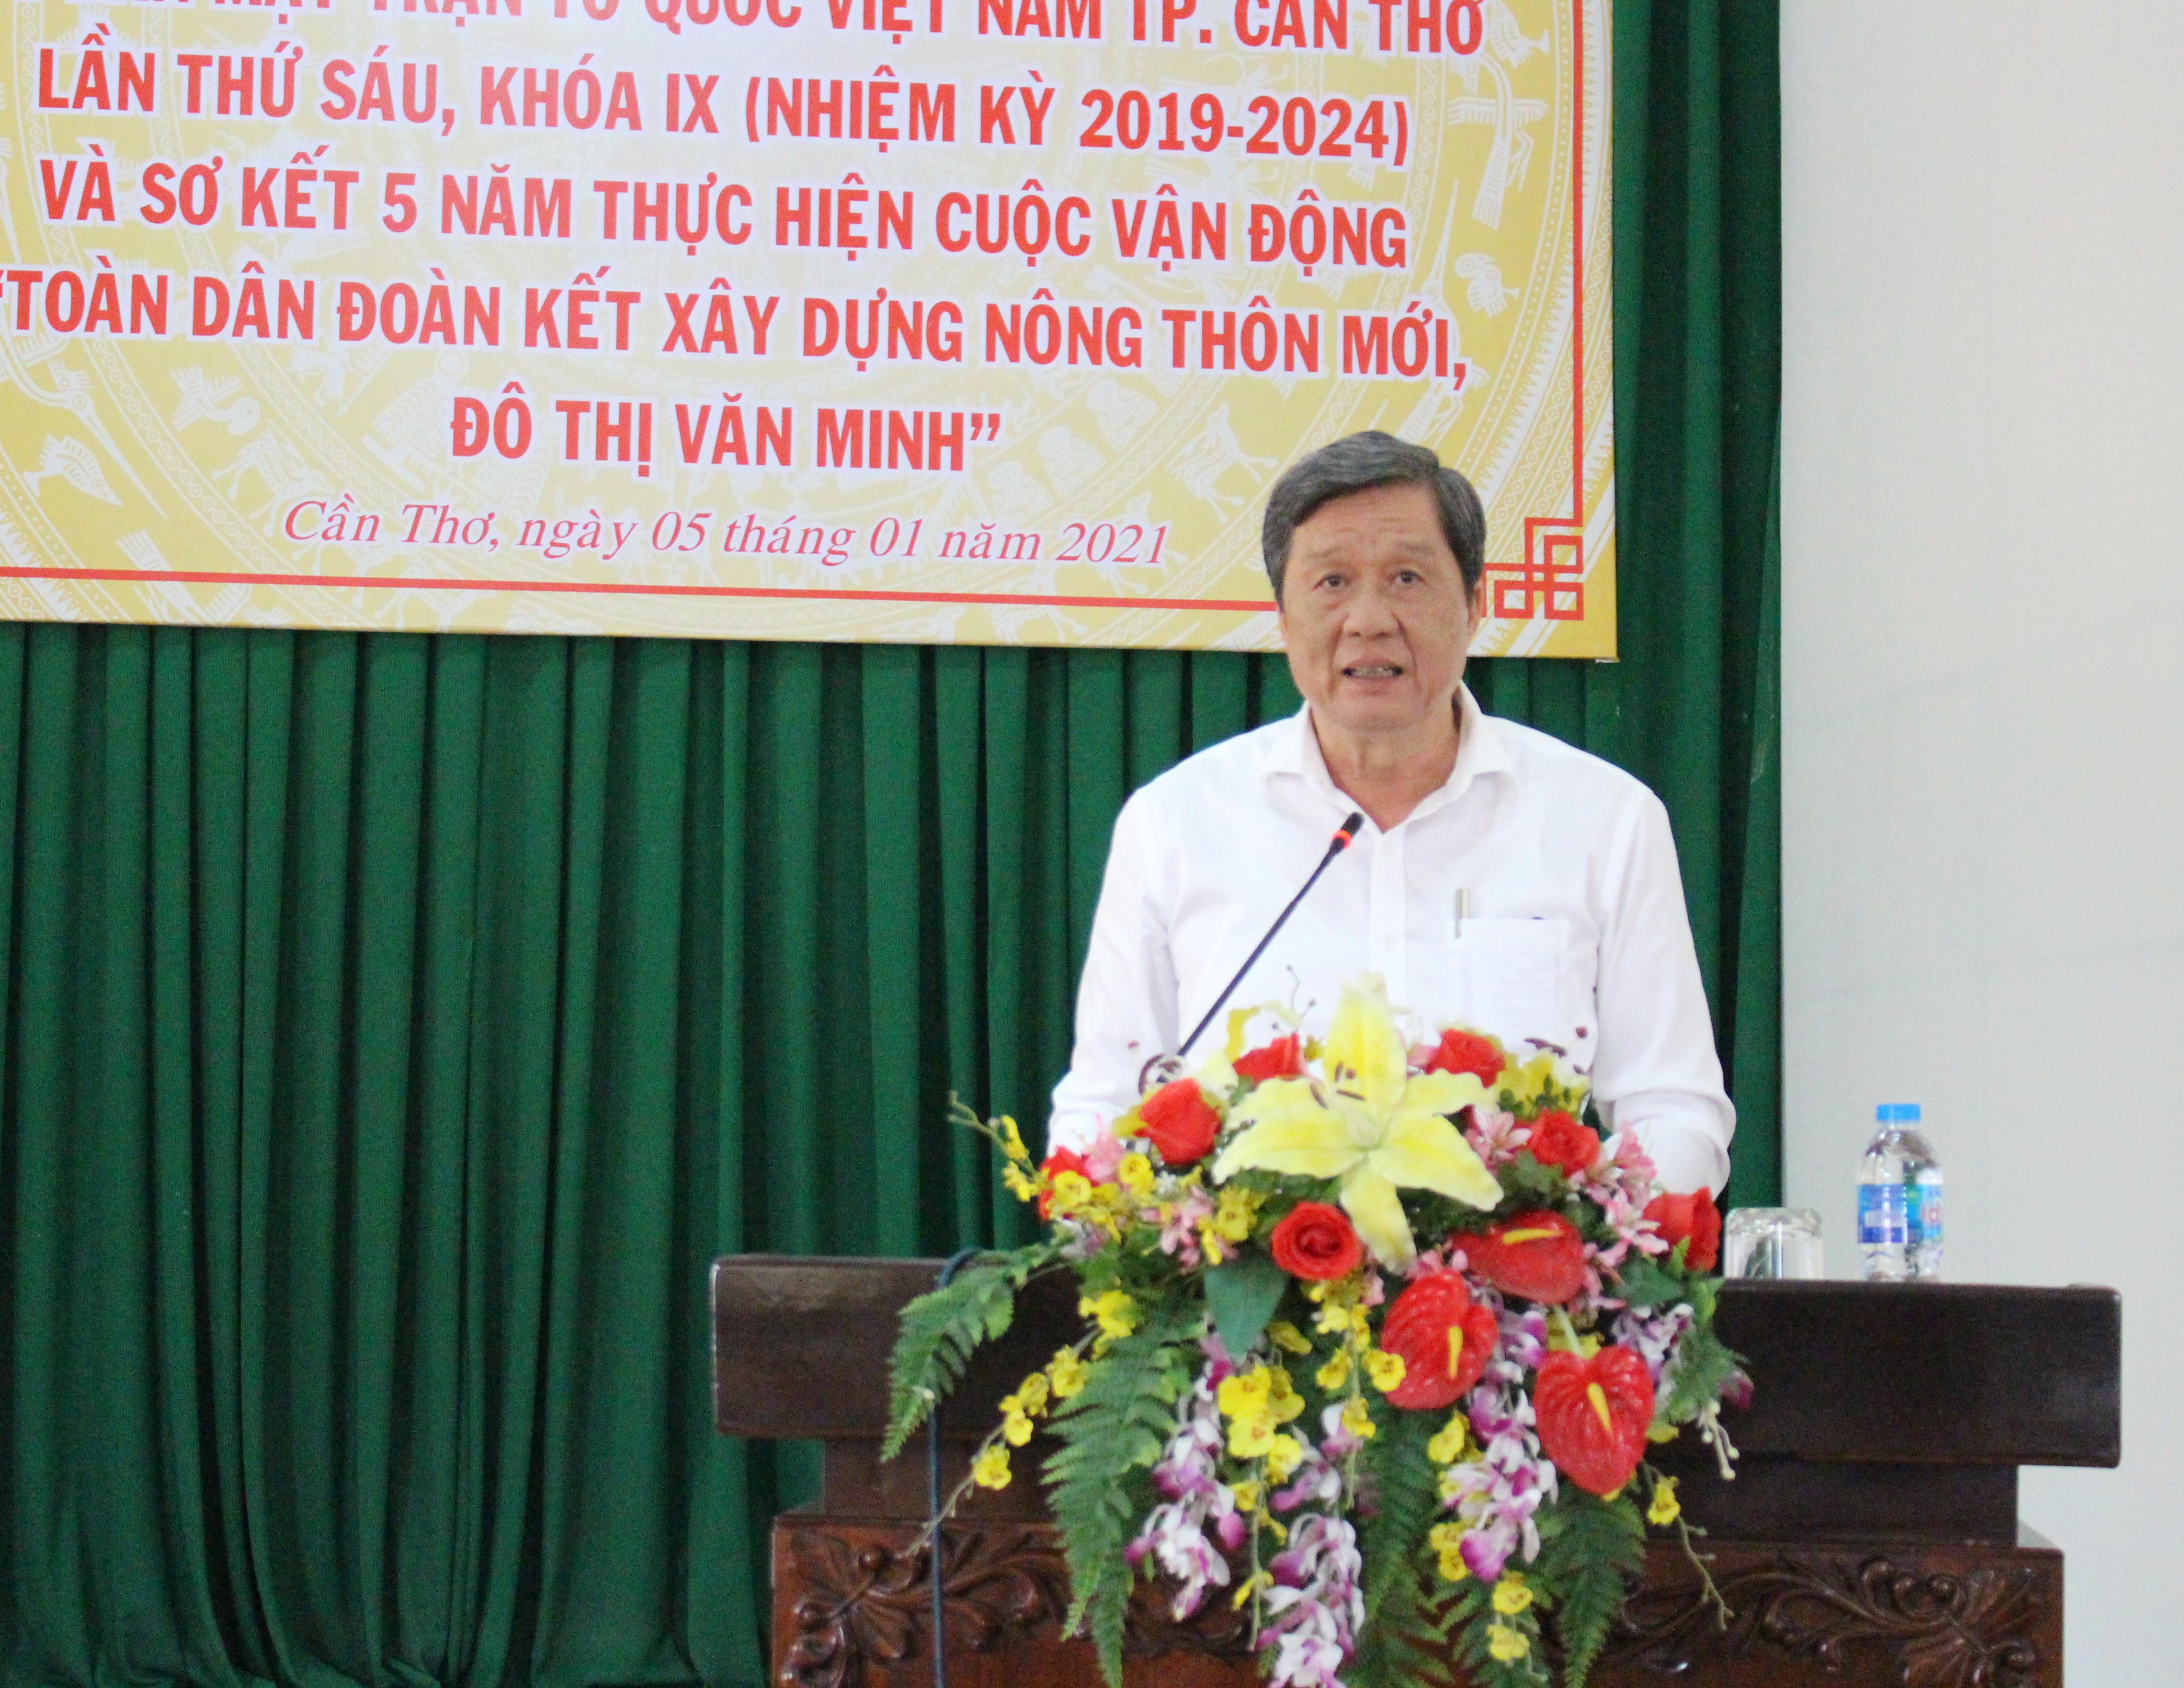 Ông Phạm Văn Hiểu Phó bí thư Thường trực Thành ủy Cần Thơ phát biểu tại Hội nghị.